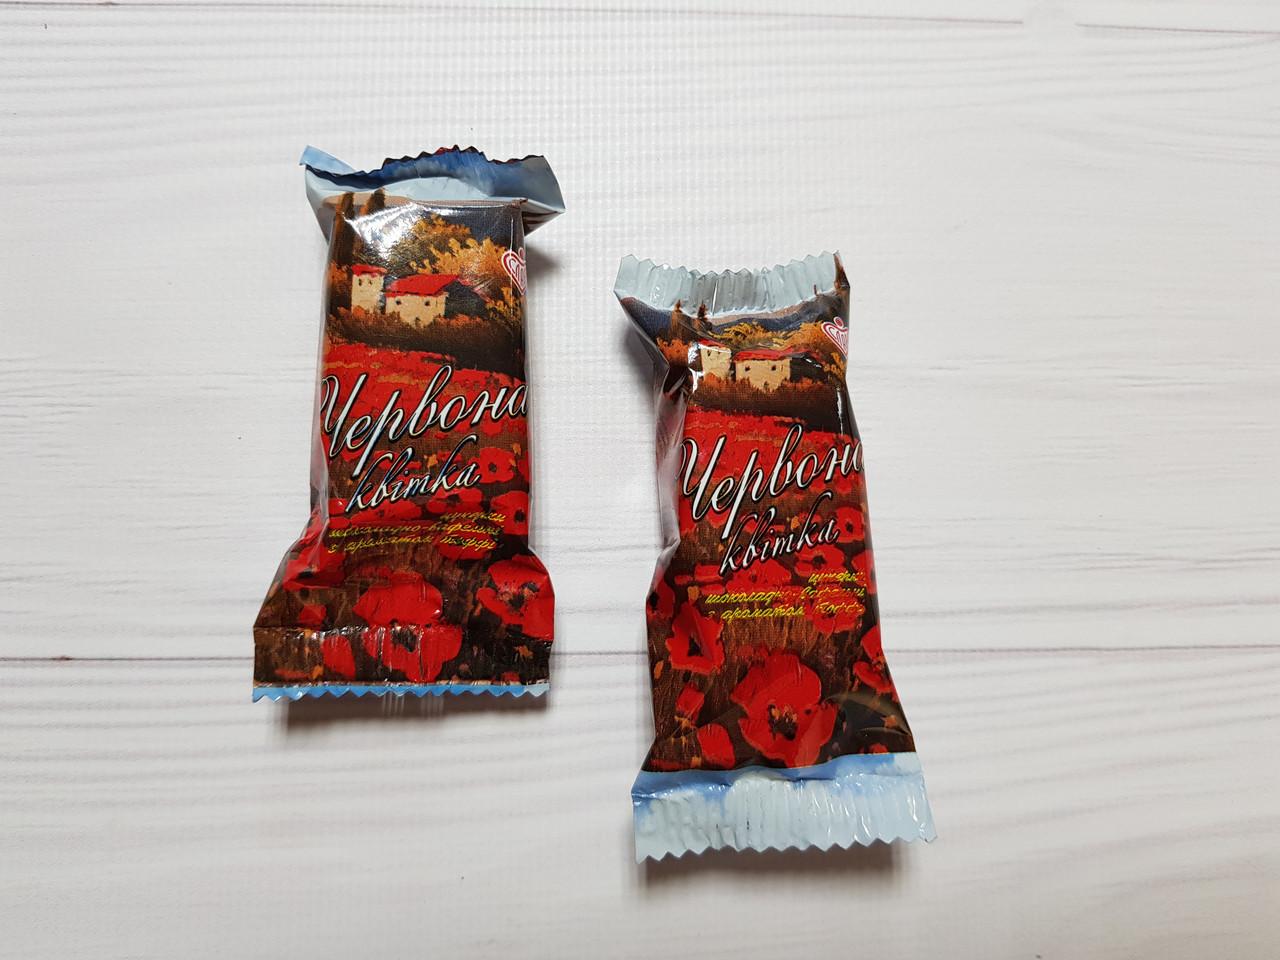 Цукерки Червоний квітка 2,3 кг. ТМ Слава